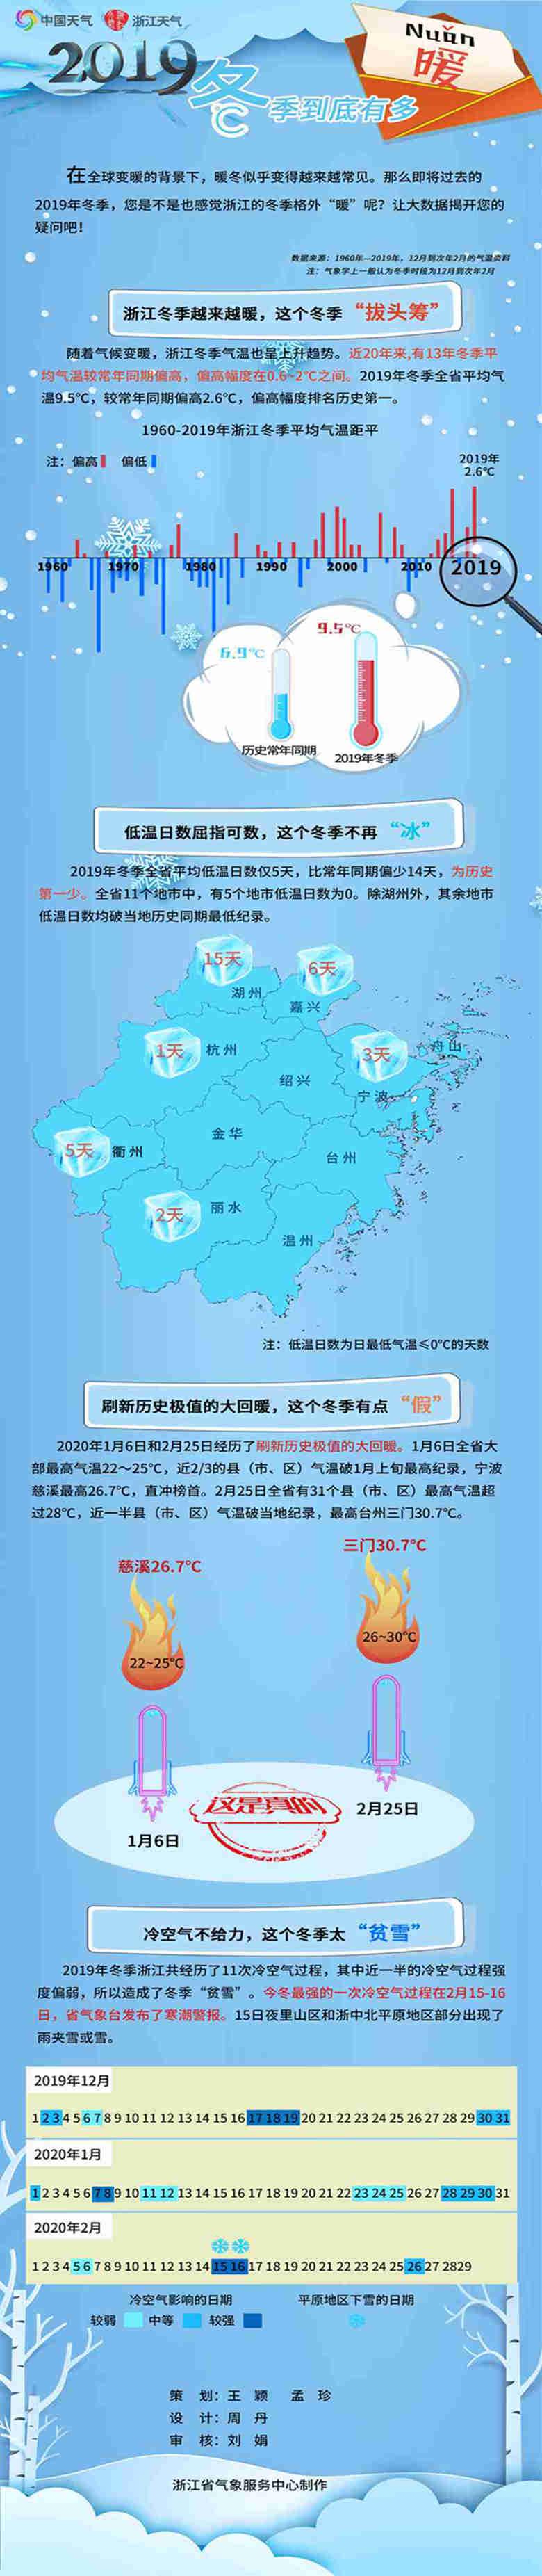 2019年冬季浙江到底有多暖